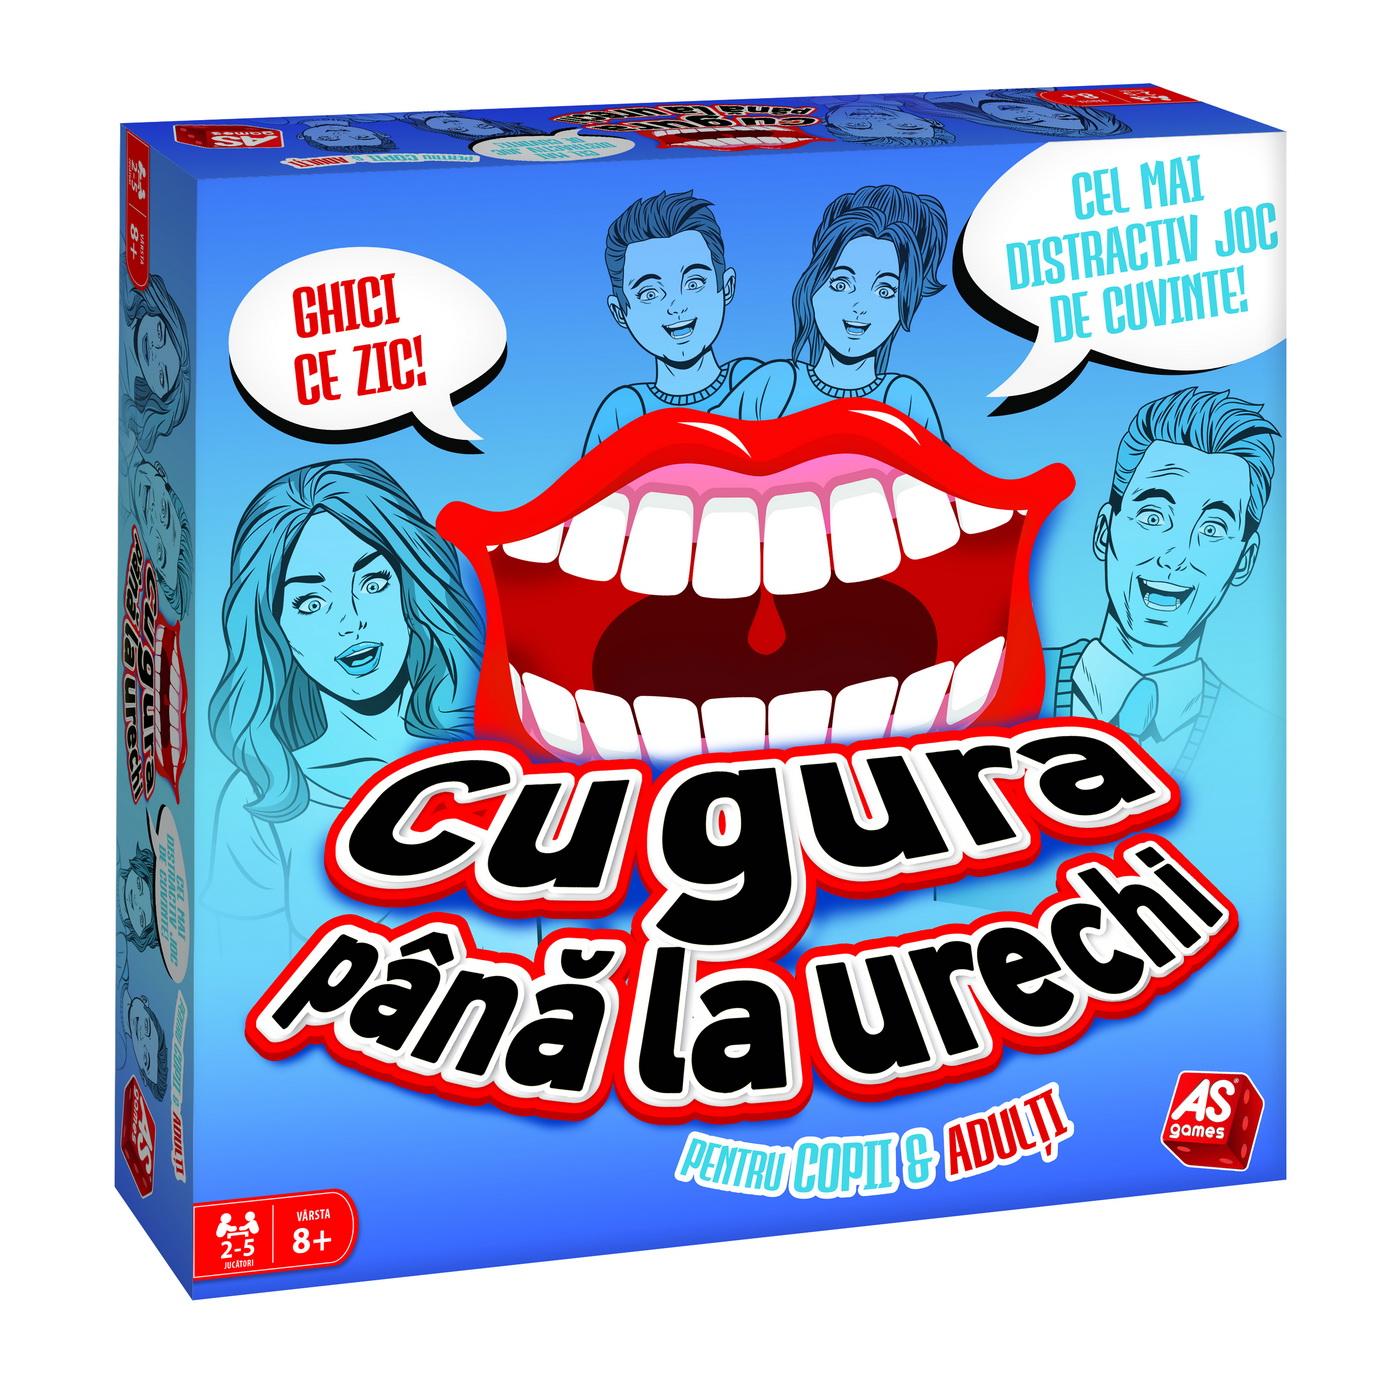 Cu gura pana la urechi, pentru copii si adulti | As games